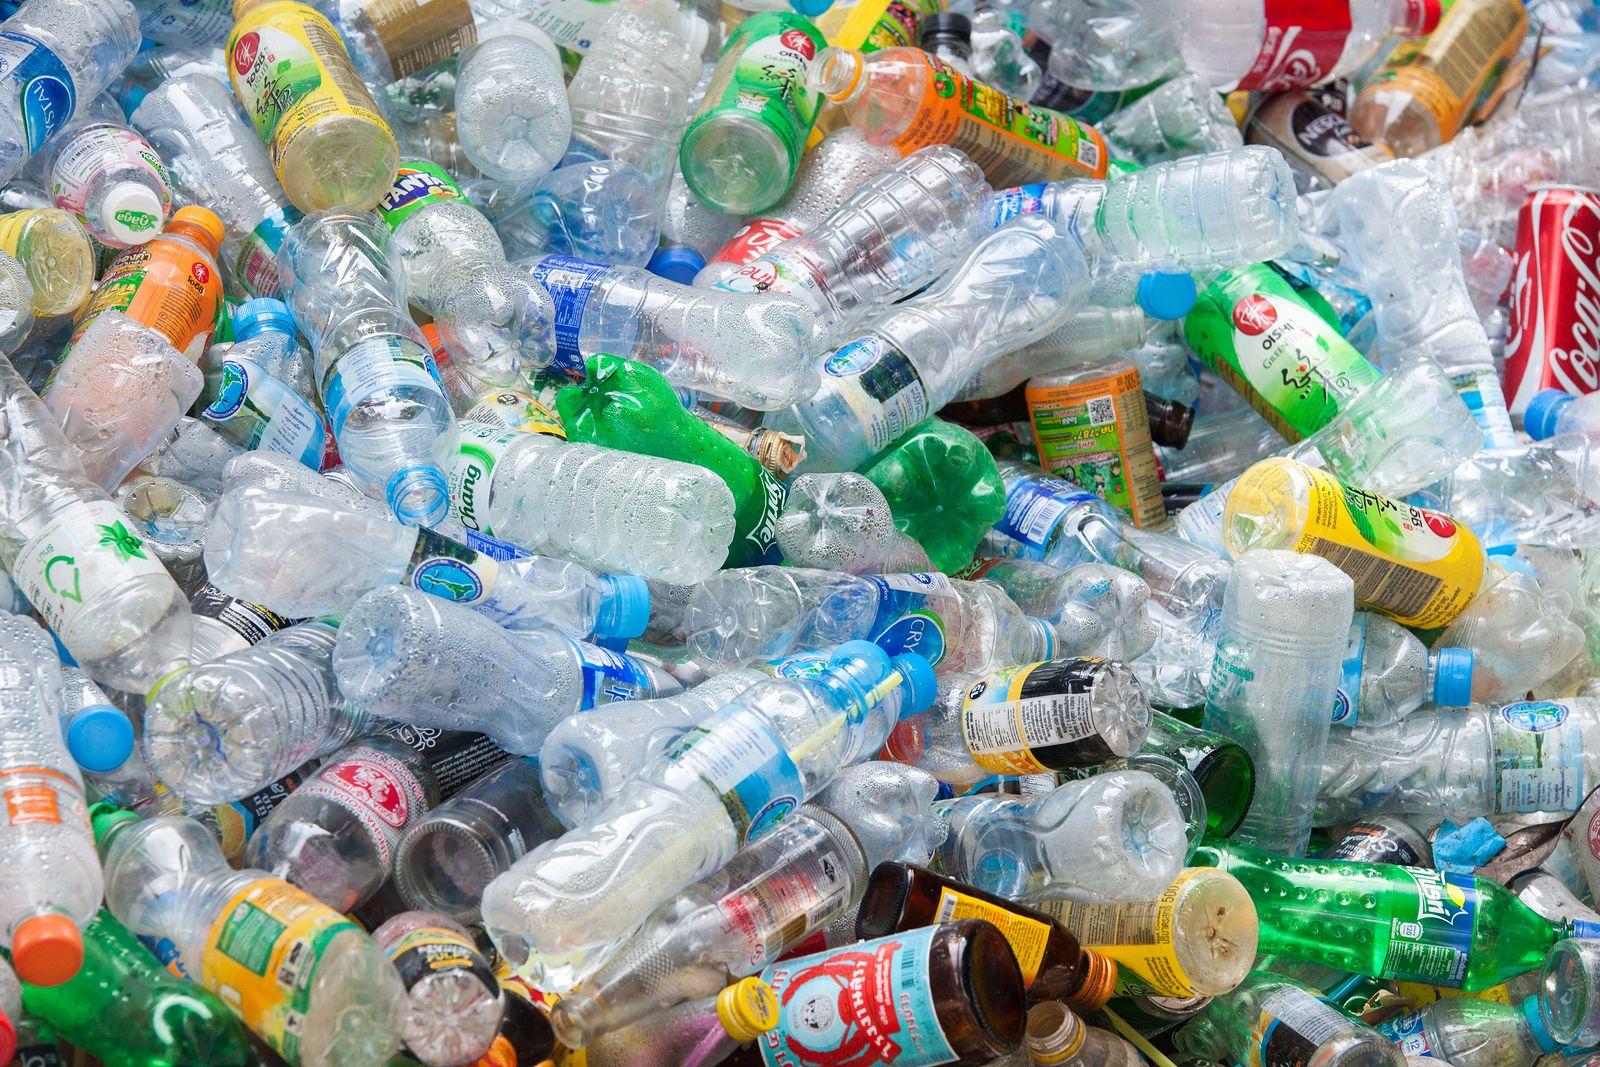 Dónde se tiran los residuos plásticos para ser reciclados?